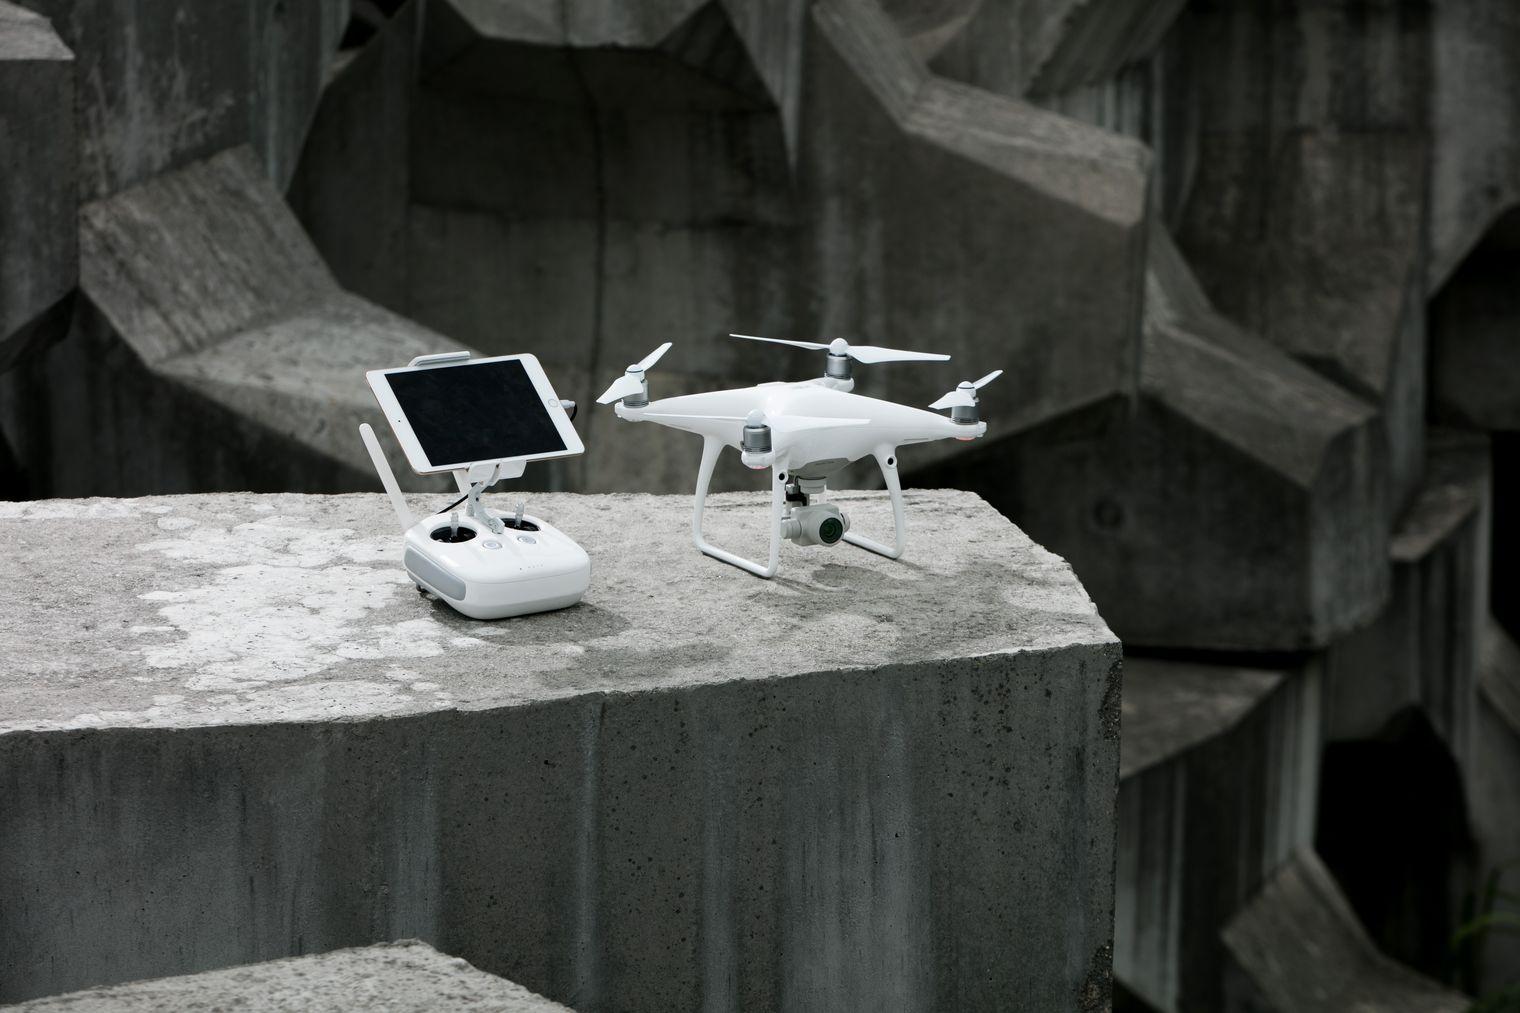 Царь дронов стал еще доступней — DJI обновила Phantom 4